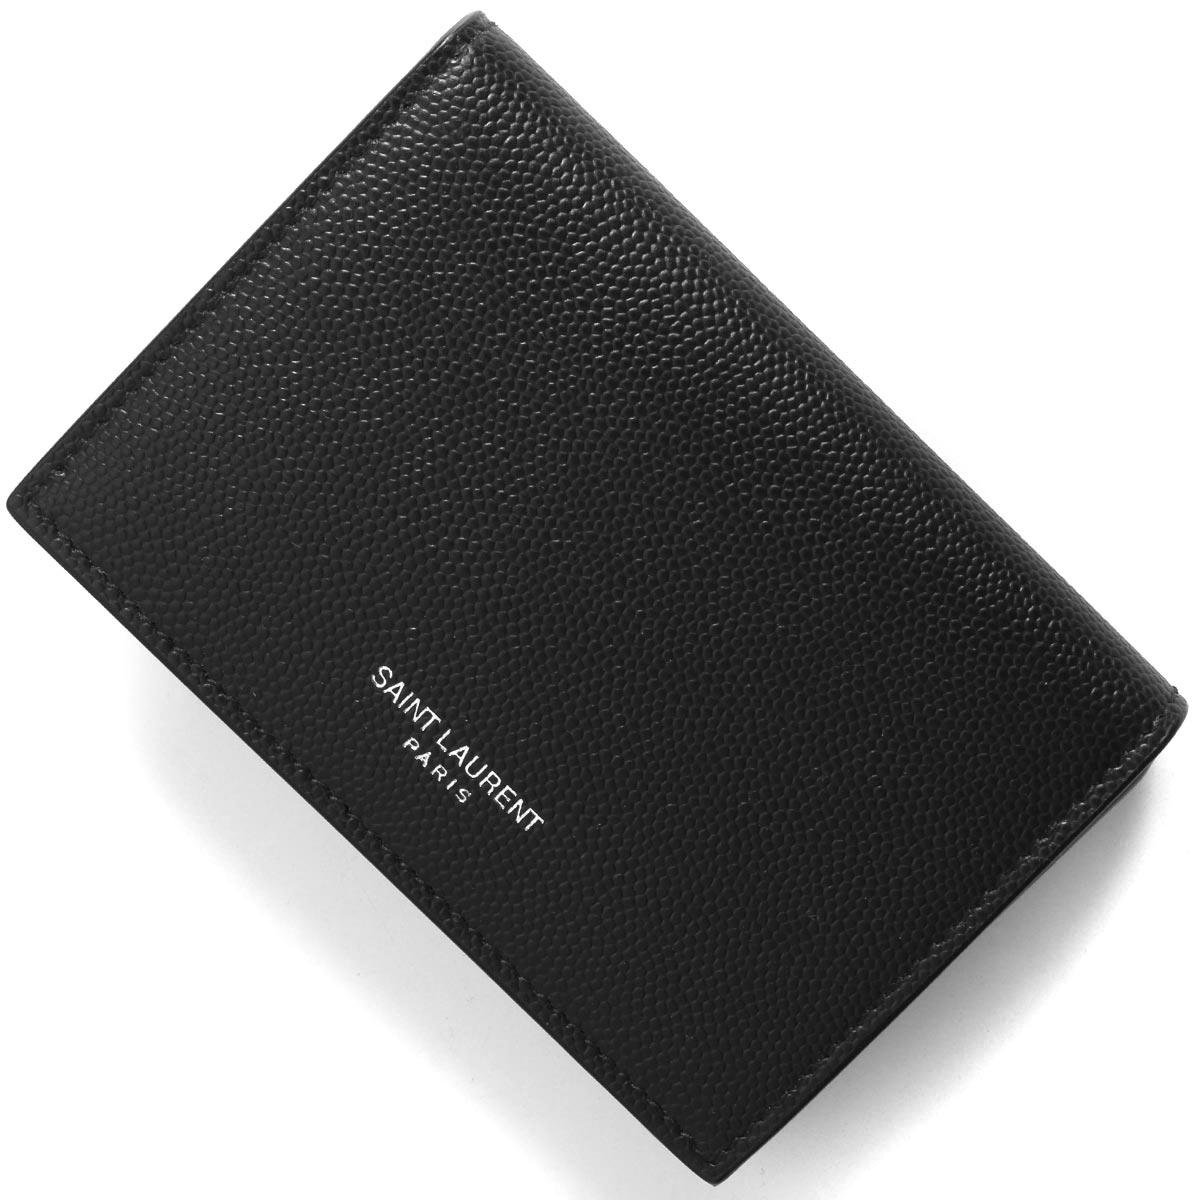 あす楽送料無料 サンローランパリ イヴサンローラン カードケース 名刺入れ メンズ レディース クラシック 469338 特価キャンペーン SAINT 1000 ブラック 2021年春夏新作 PARIS BTY7N LAURENT セール品